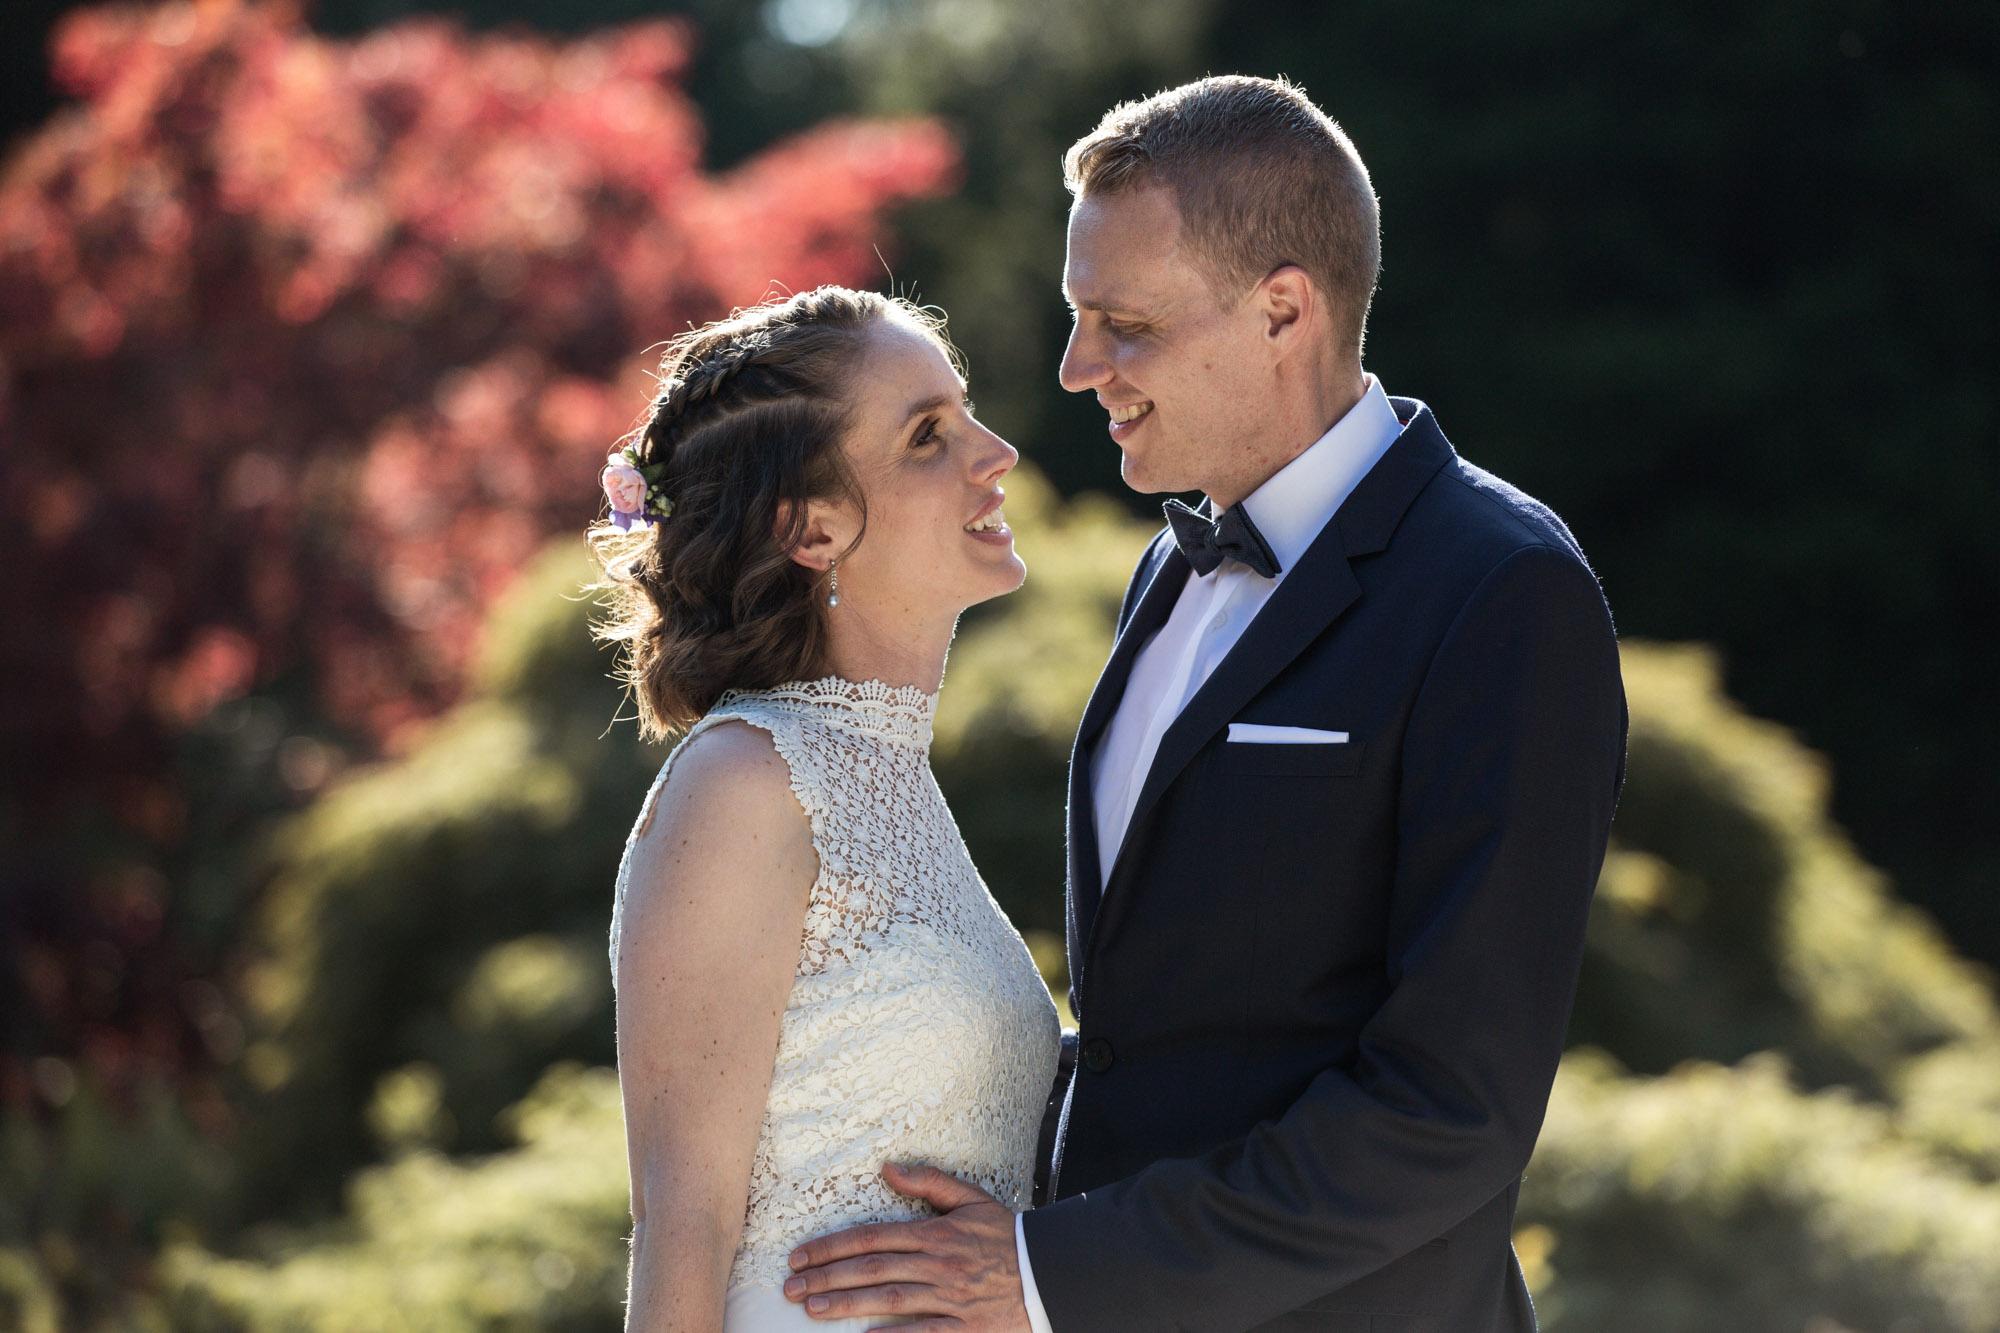 Brautpaar Fotoshooting im Wenkenpark - Hochzeitsfotograf Basel